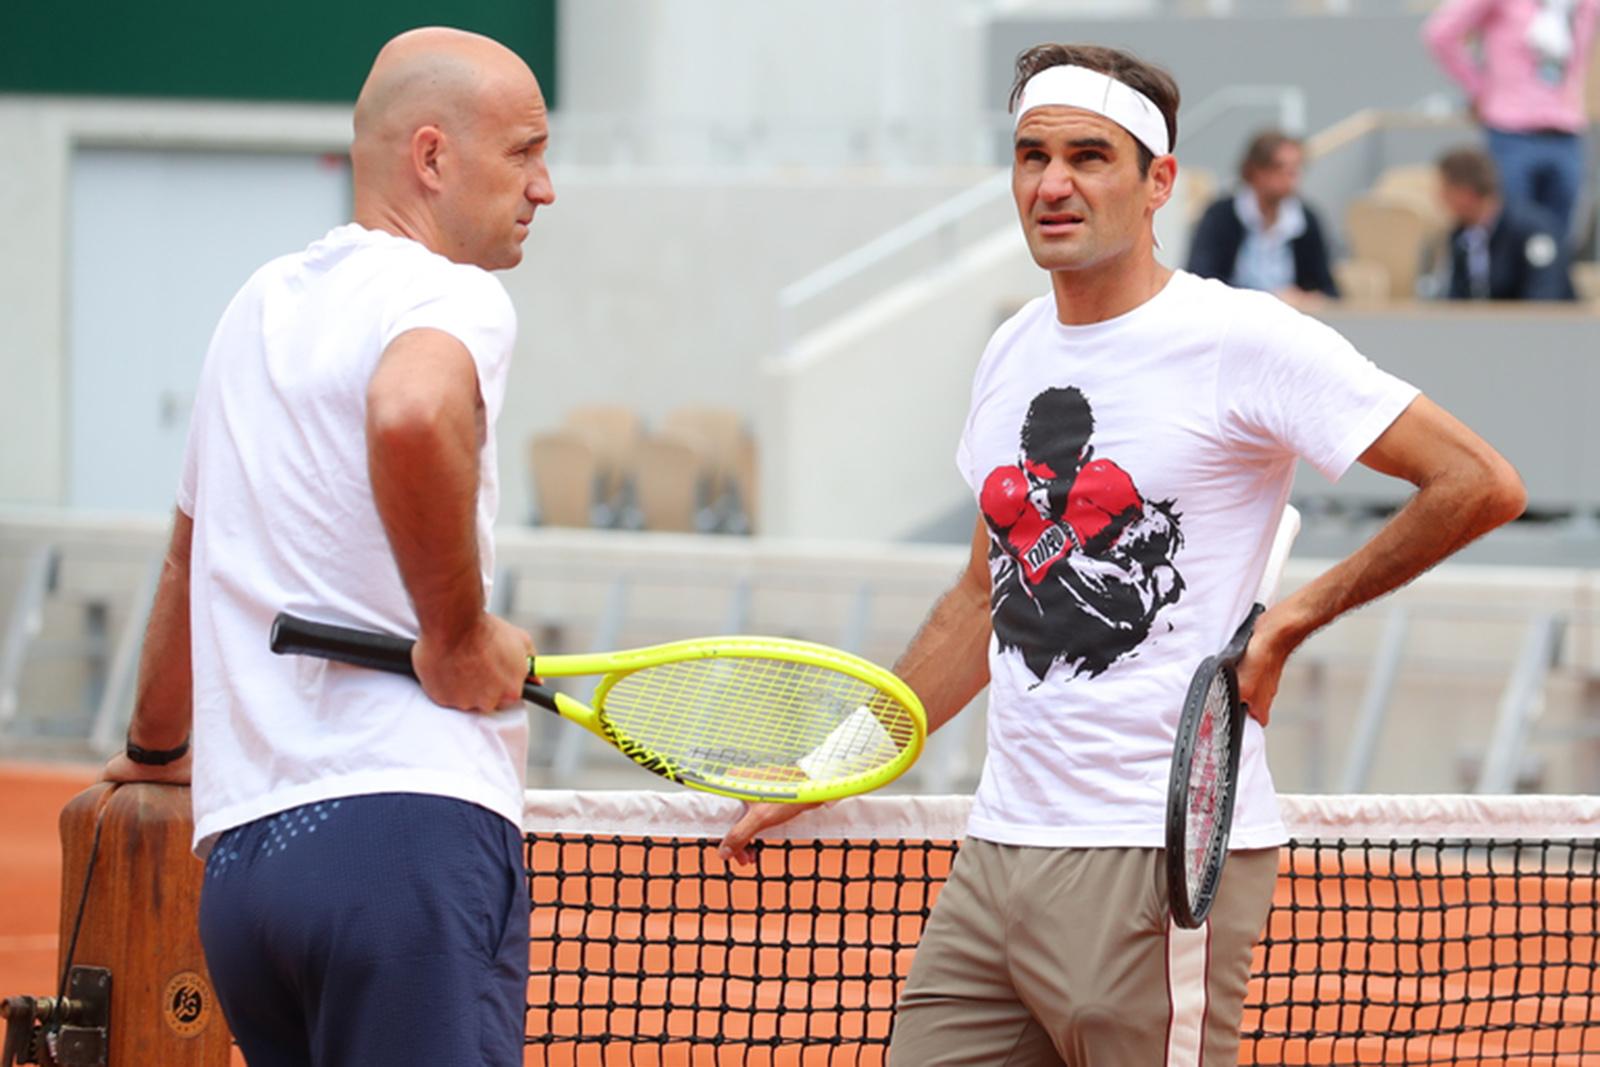 Entenda como o método da visualização pode ajudar os tenistas